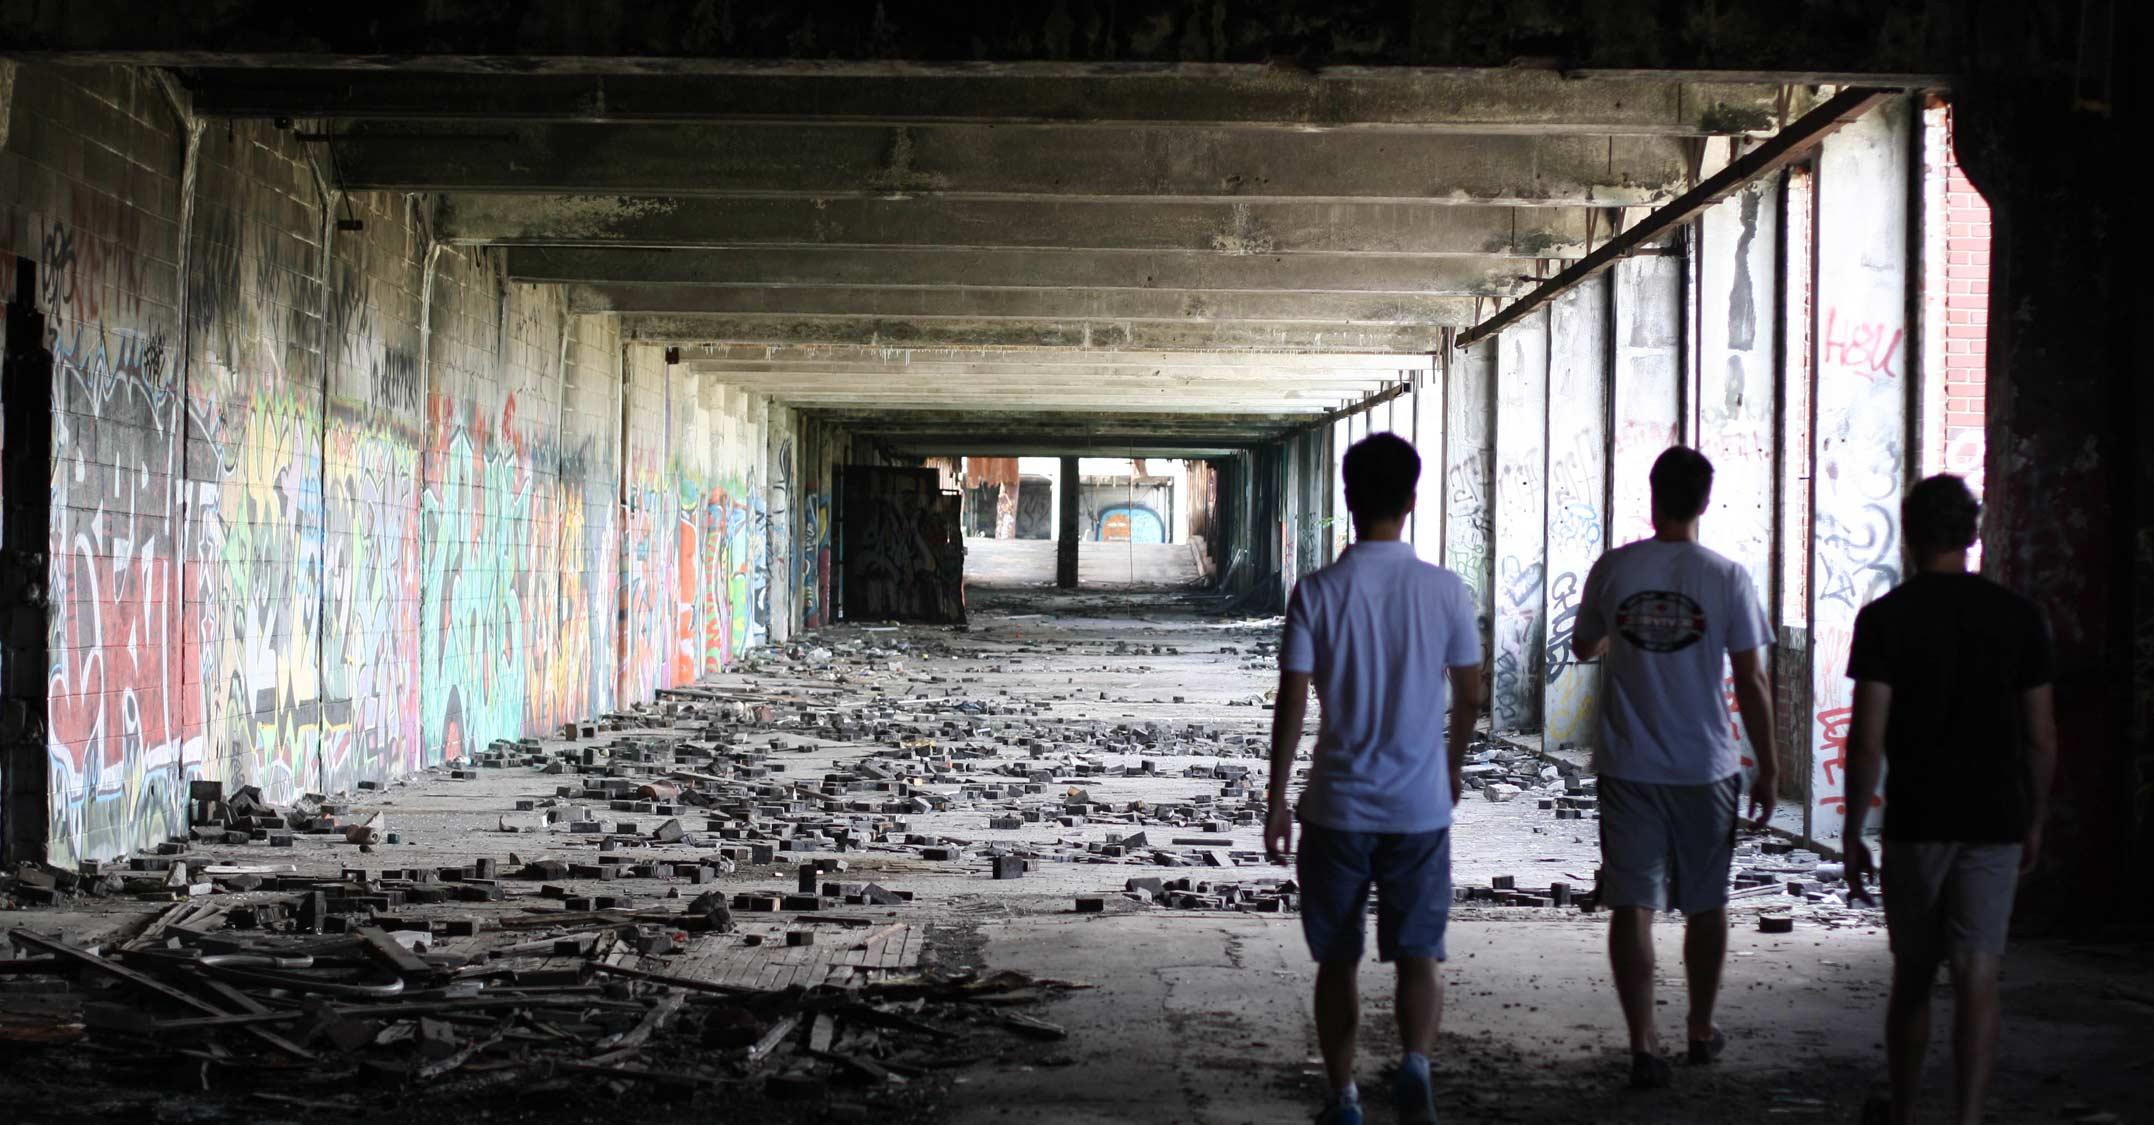 Detroit photo essay